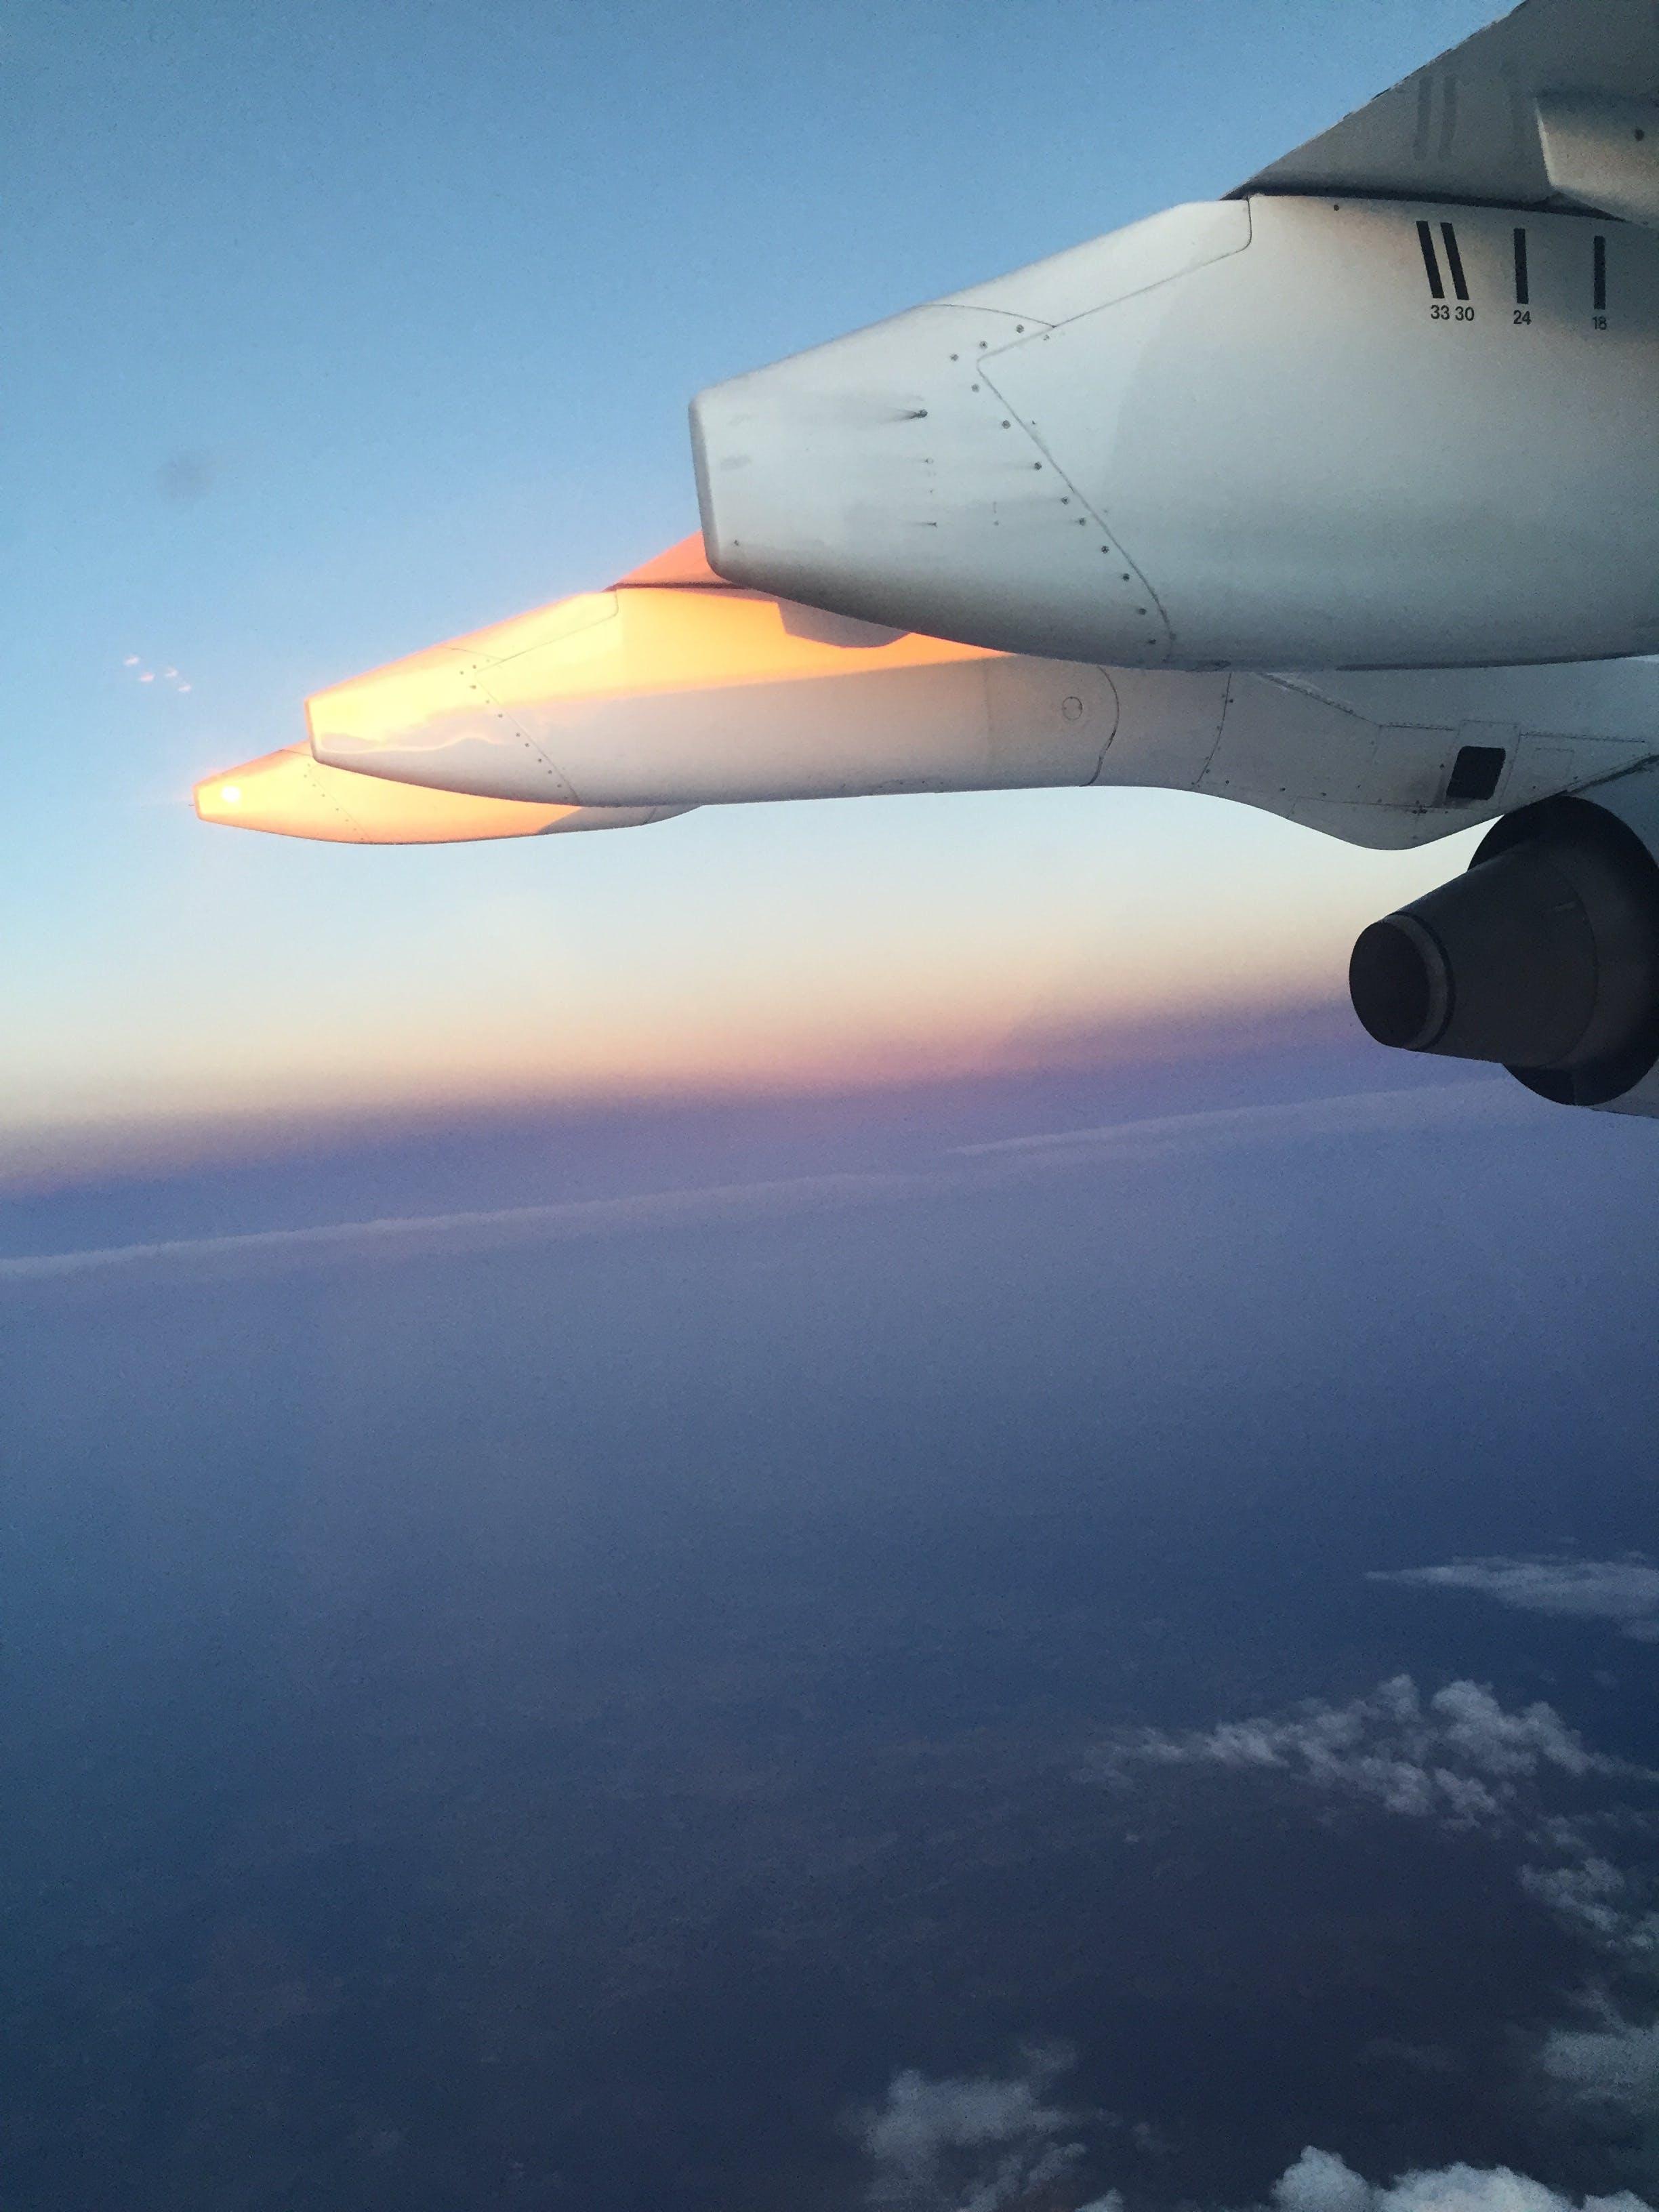 Kostenloses Stock Foto zu flugzeuge, himmel, luft, wolken